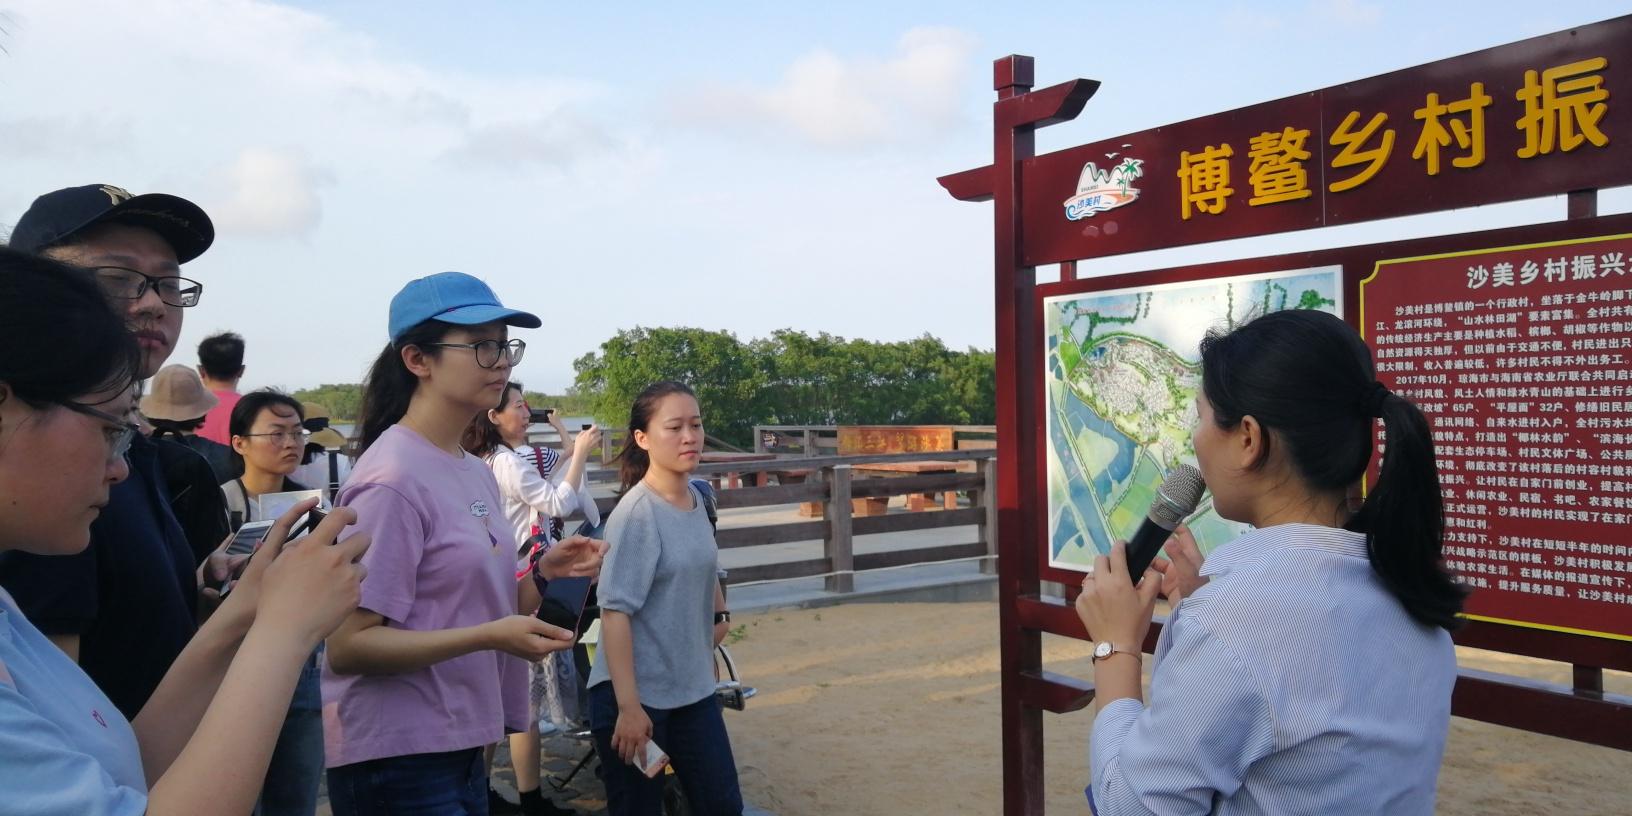 海南博鳌沙美村: 发展农旅融合 助力招商引资